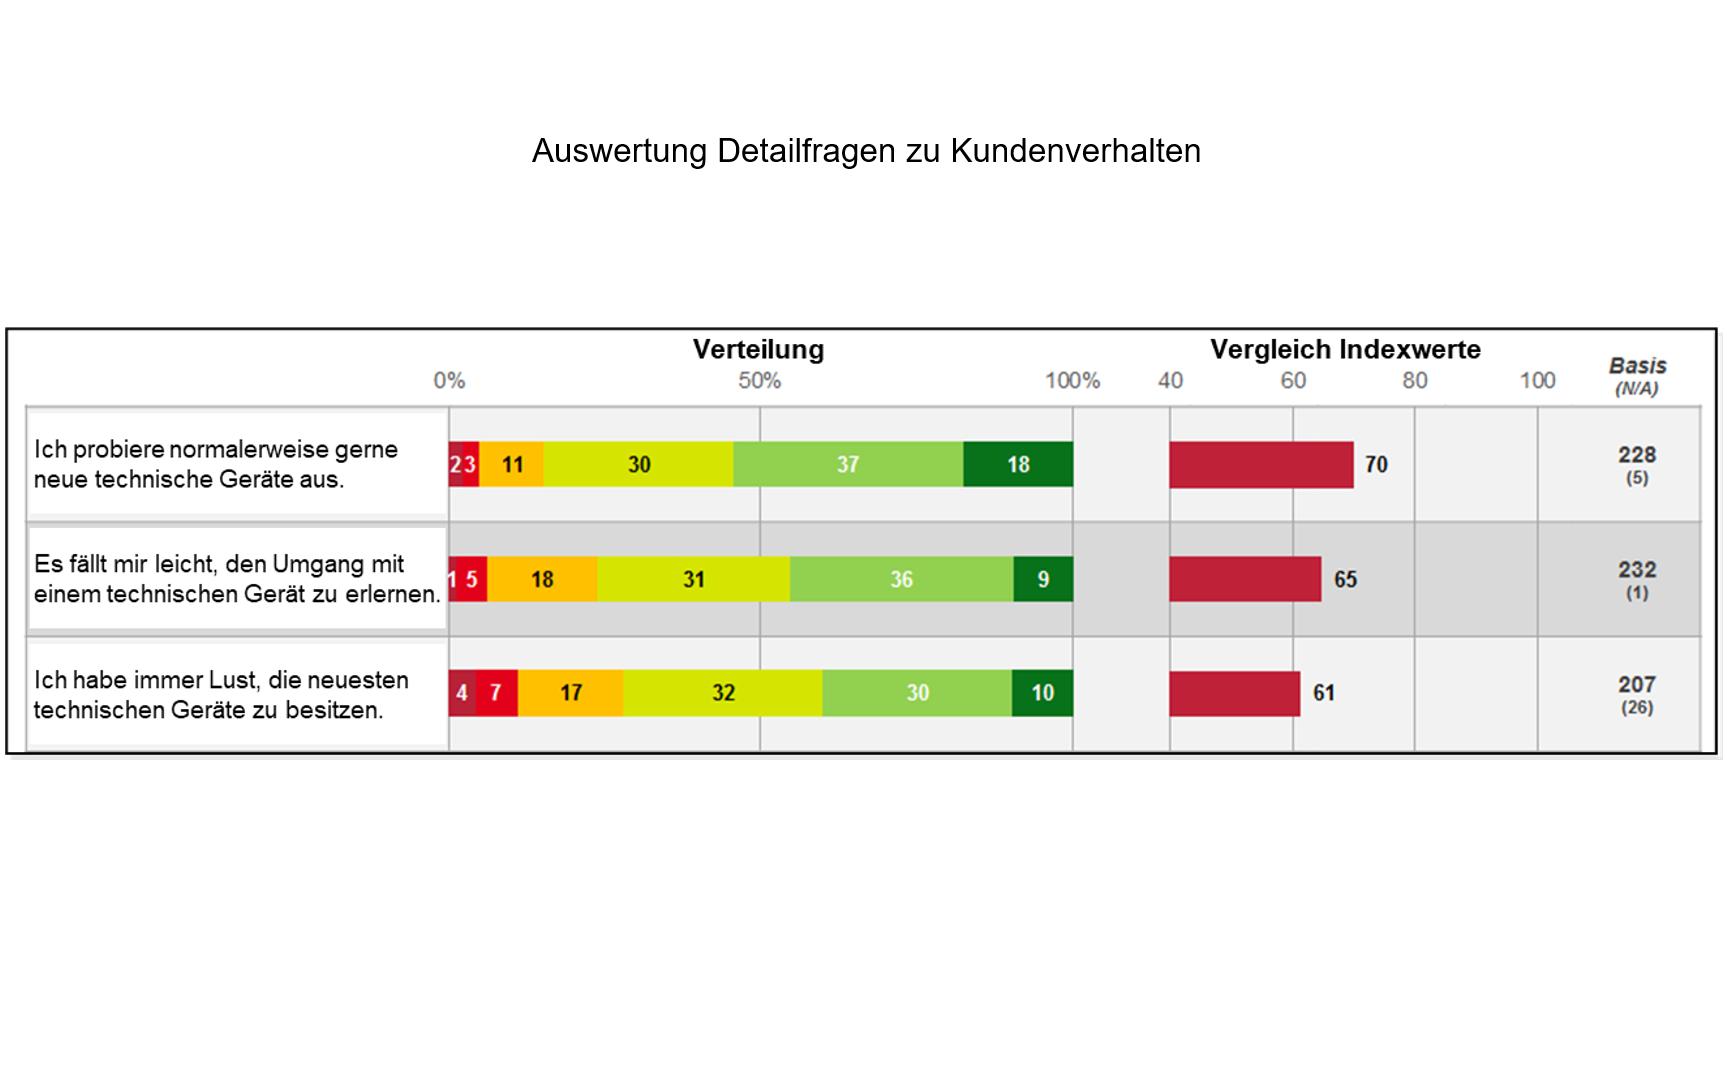 B2C Auswertung Detailfragen zu Kundenverhalten